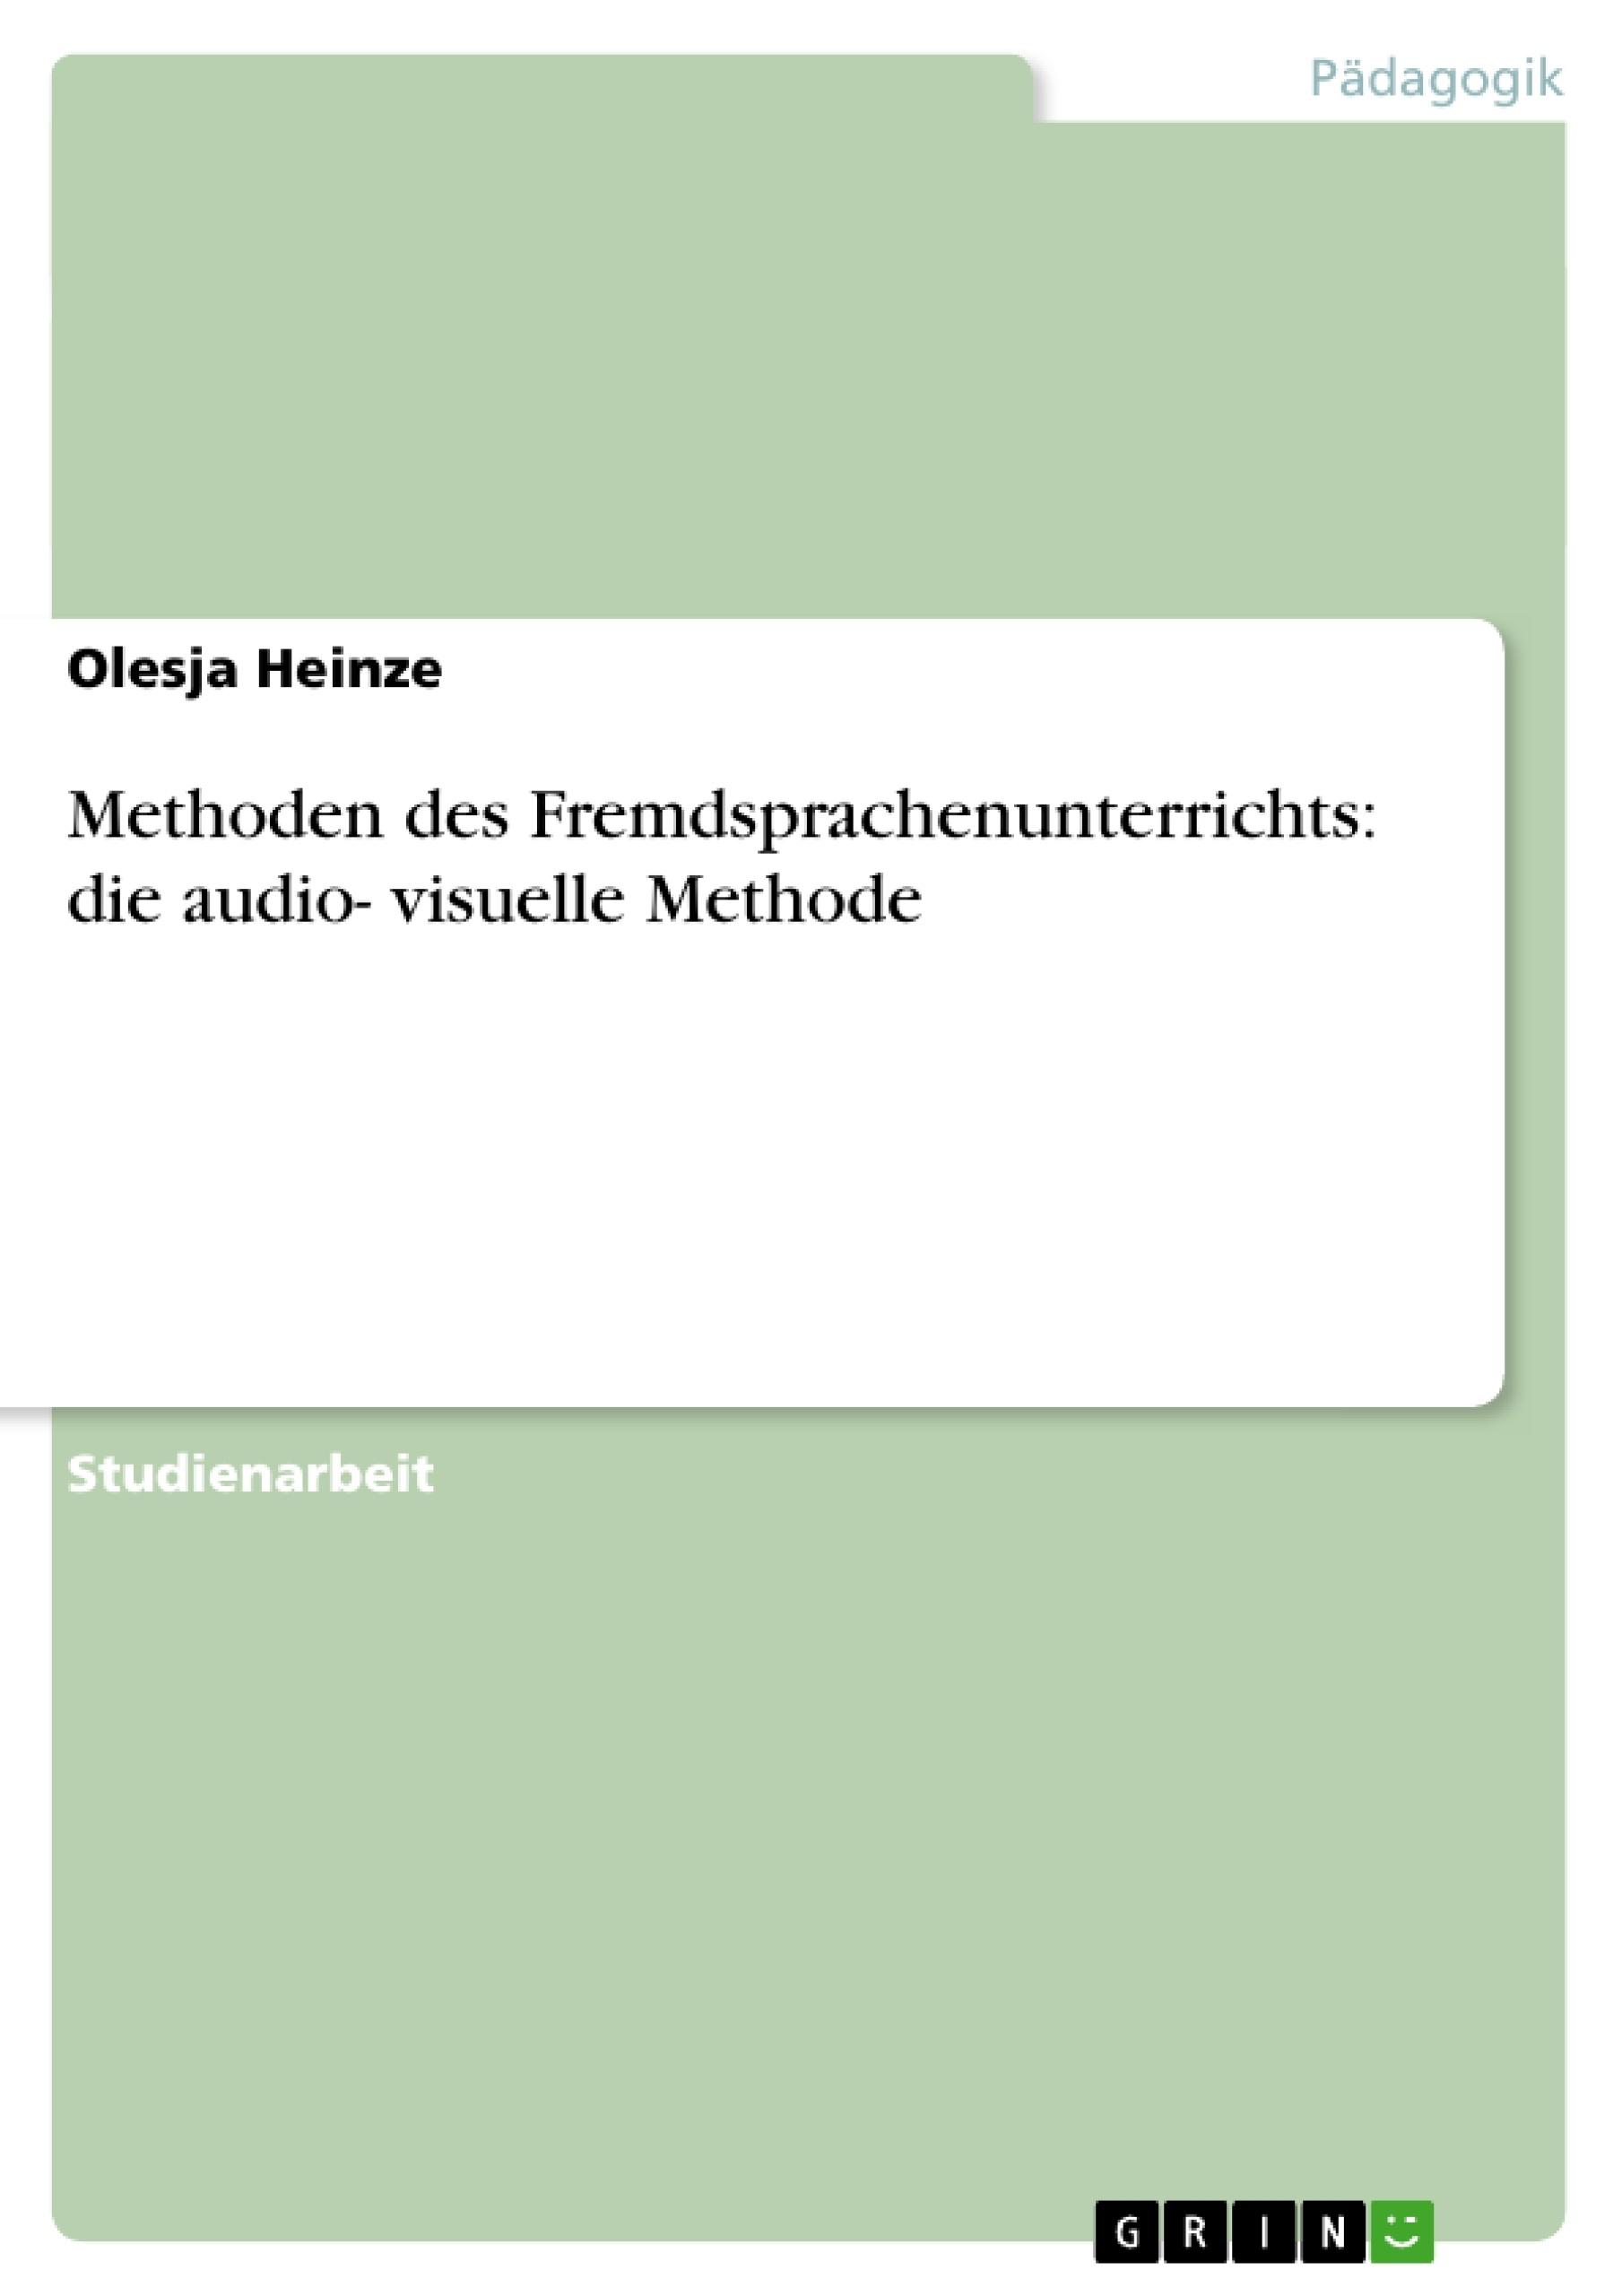 Titel: Methoden des Fremdsprachenunterrichts: die audio- visuelle Methode